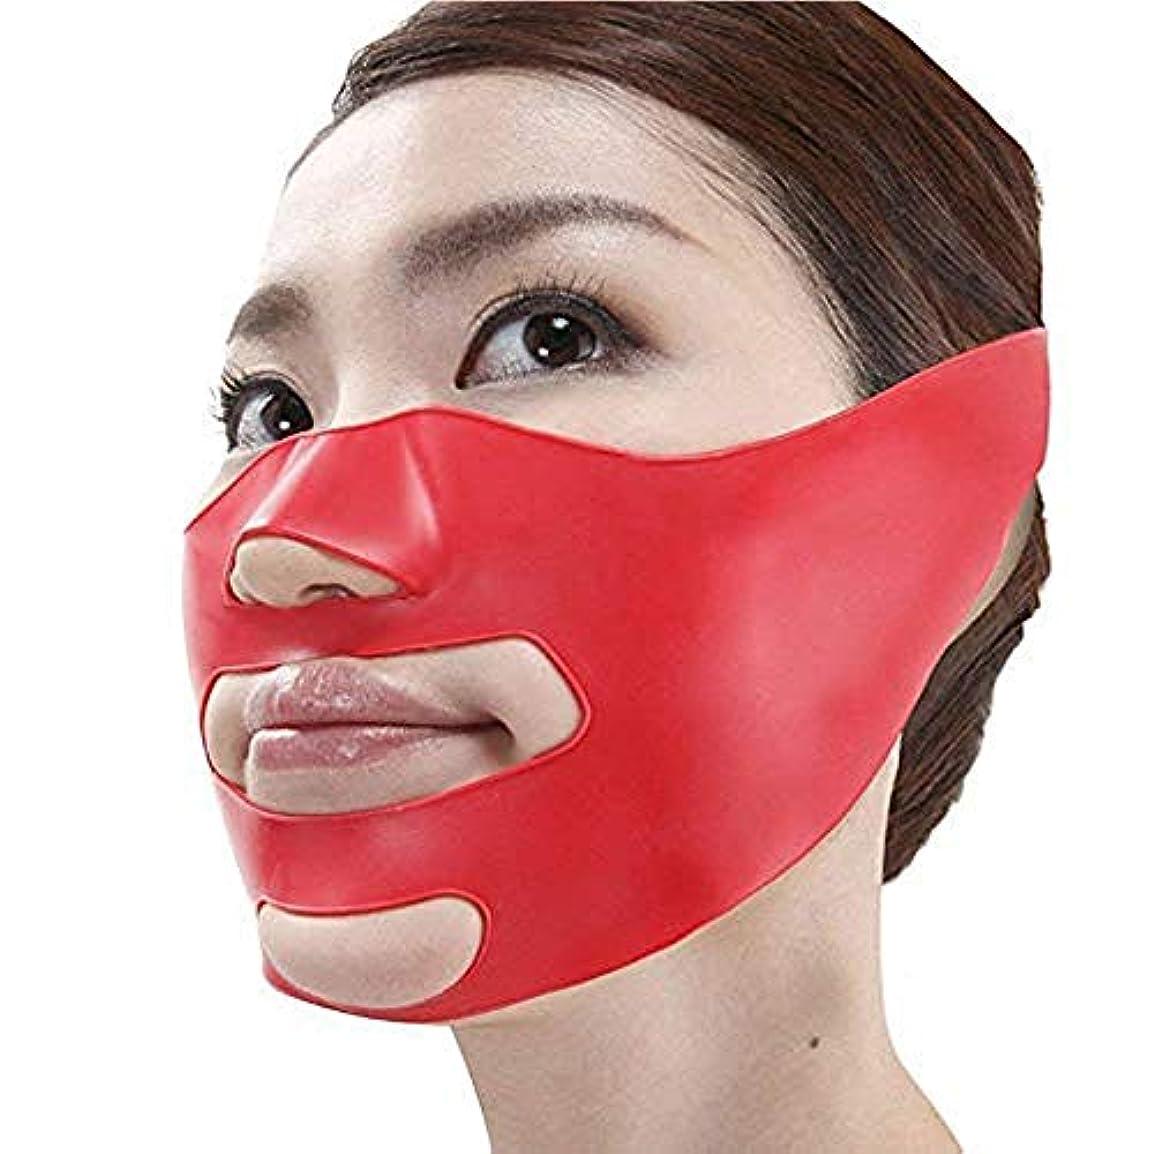 等非効率的な拍手Milent 小顔矯正 マスク 小顔補正ベルト ほうれい線 リフトスリムマスク 3Dエクササイズマスク 法令線予防 抗シワ サウナマスク 美顔 フリーサイズ